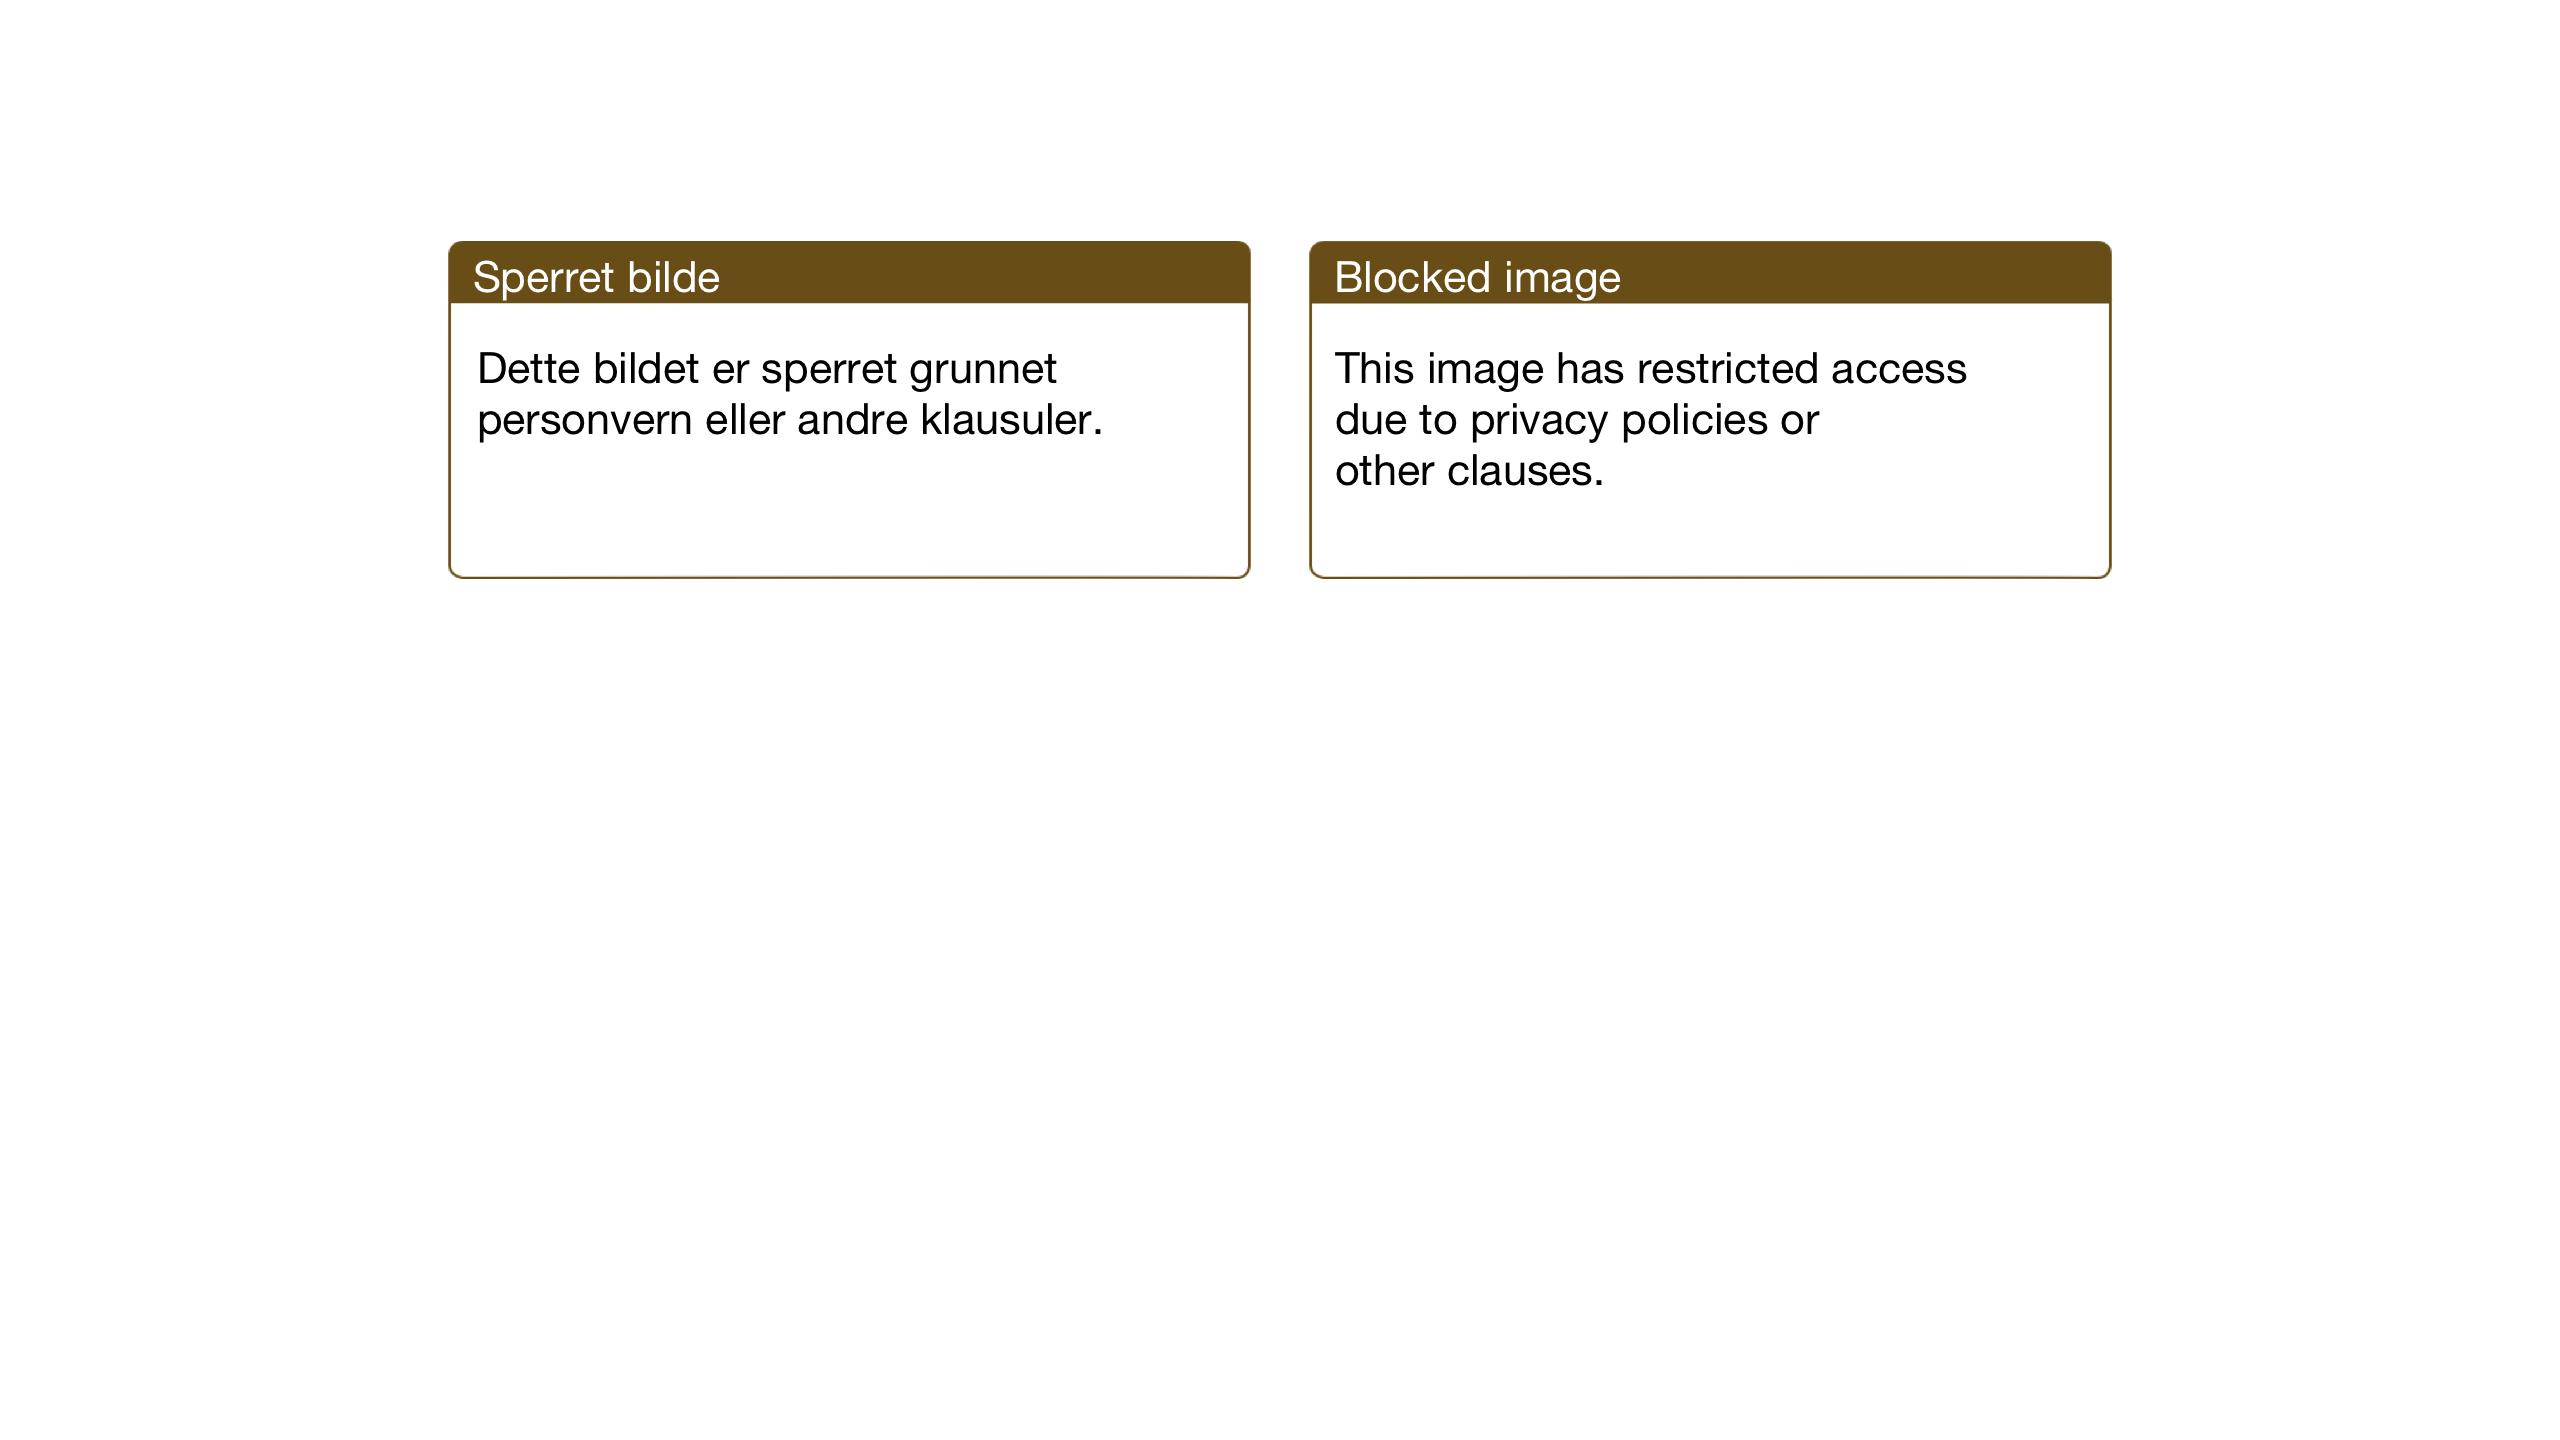 SAT, Ministerialprotokoller, klokkerbøker og fødselsregistre - Sør-Trøndelag, 640/L0590: Klokkerbok nr. 640C07, 1935-1948, s. 217